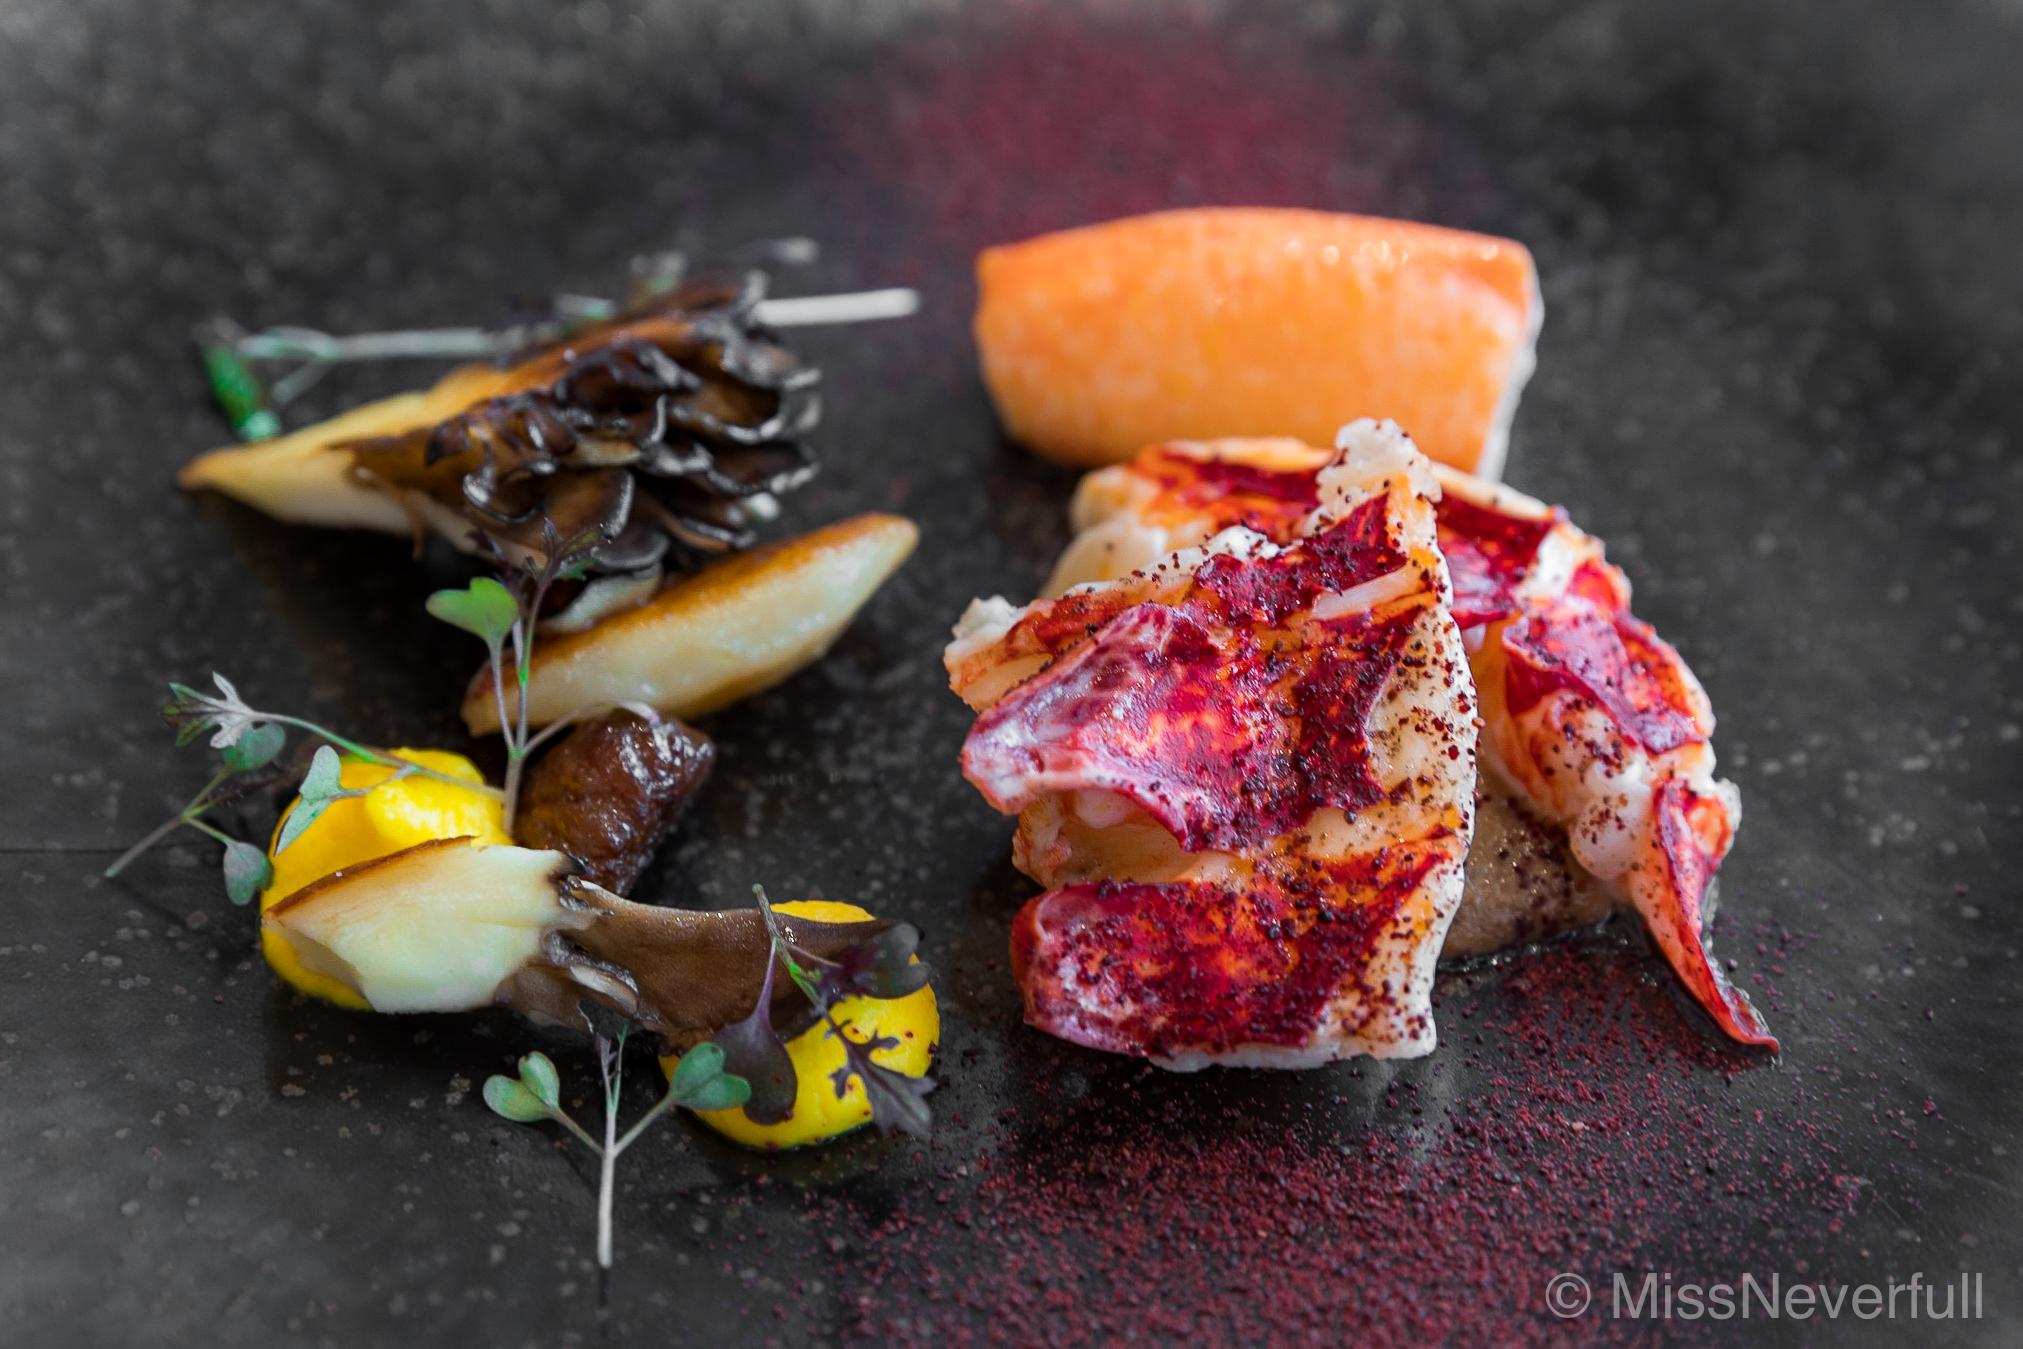 6. Blue lobster from France, Spice from Kochiken, Maitake mushroom